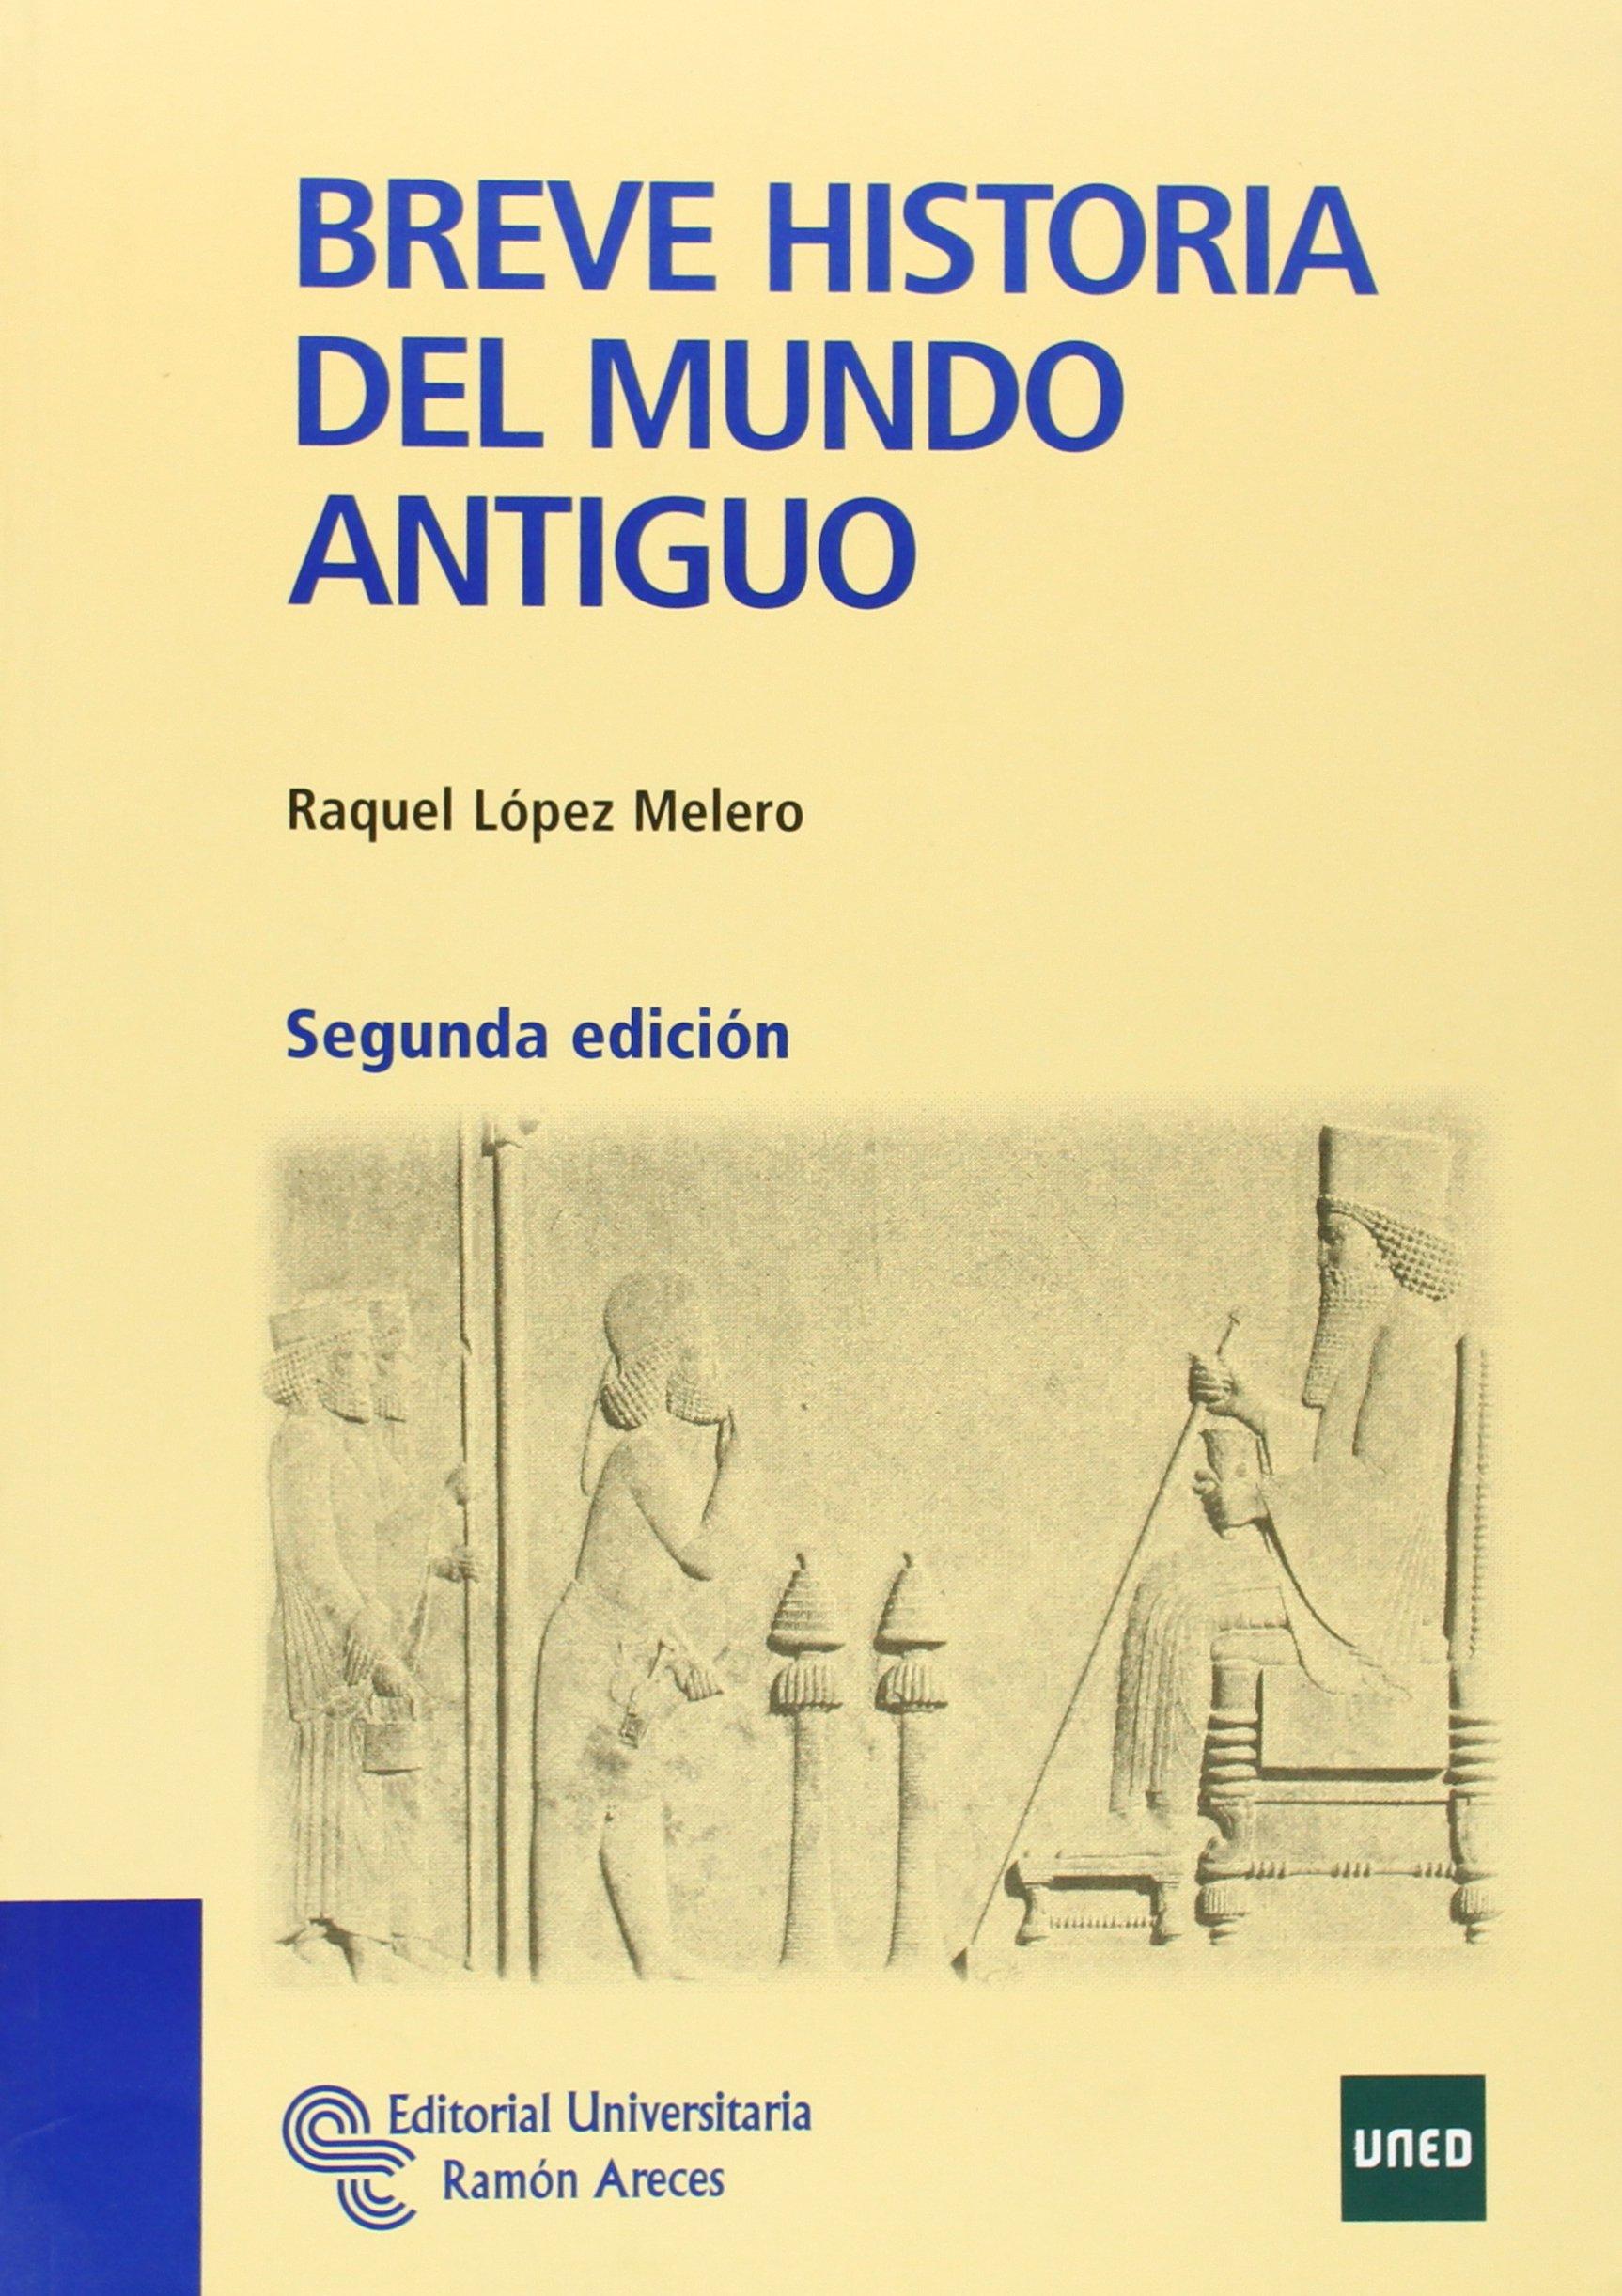 Breve Historia del Mundo Antiguo (Manuales): Amazon.es: López Melero, Raquel: Libros